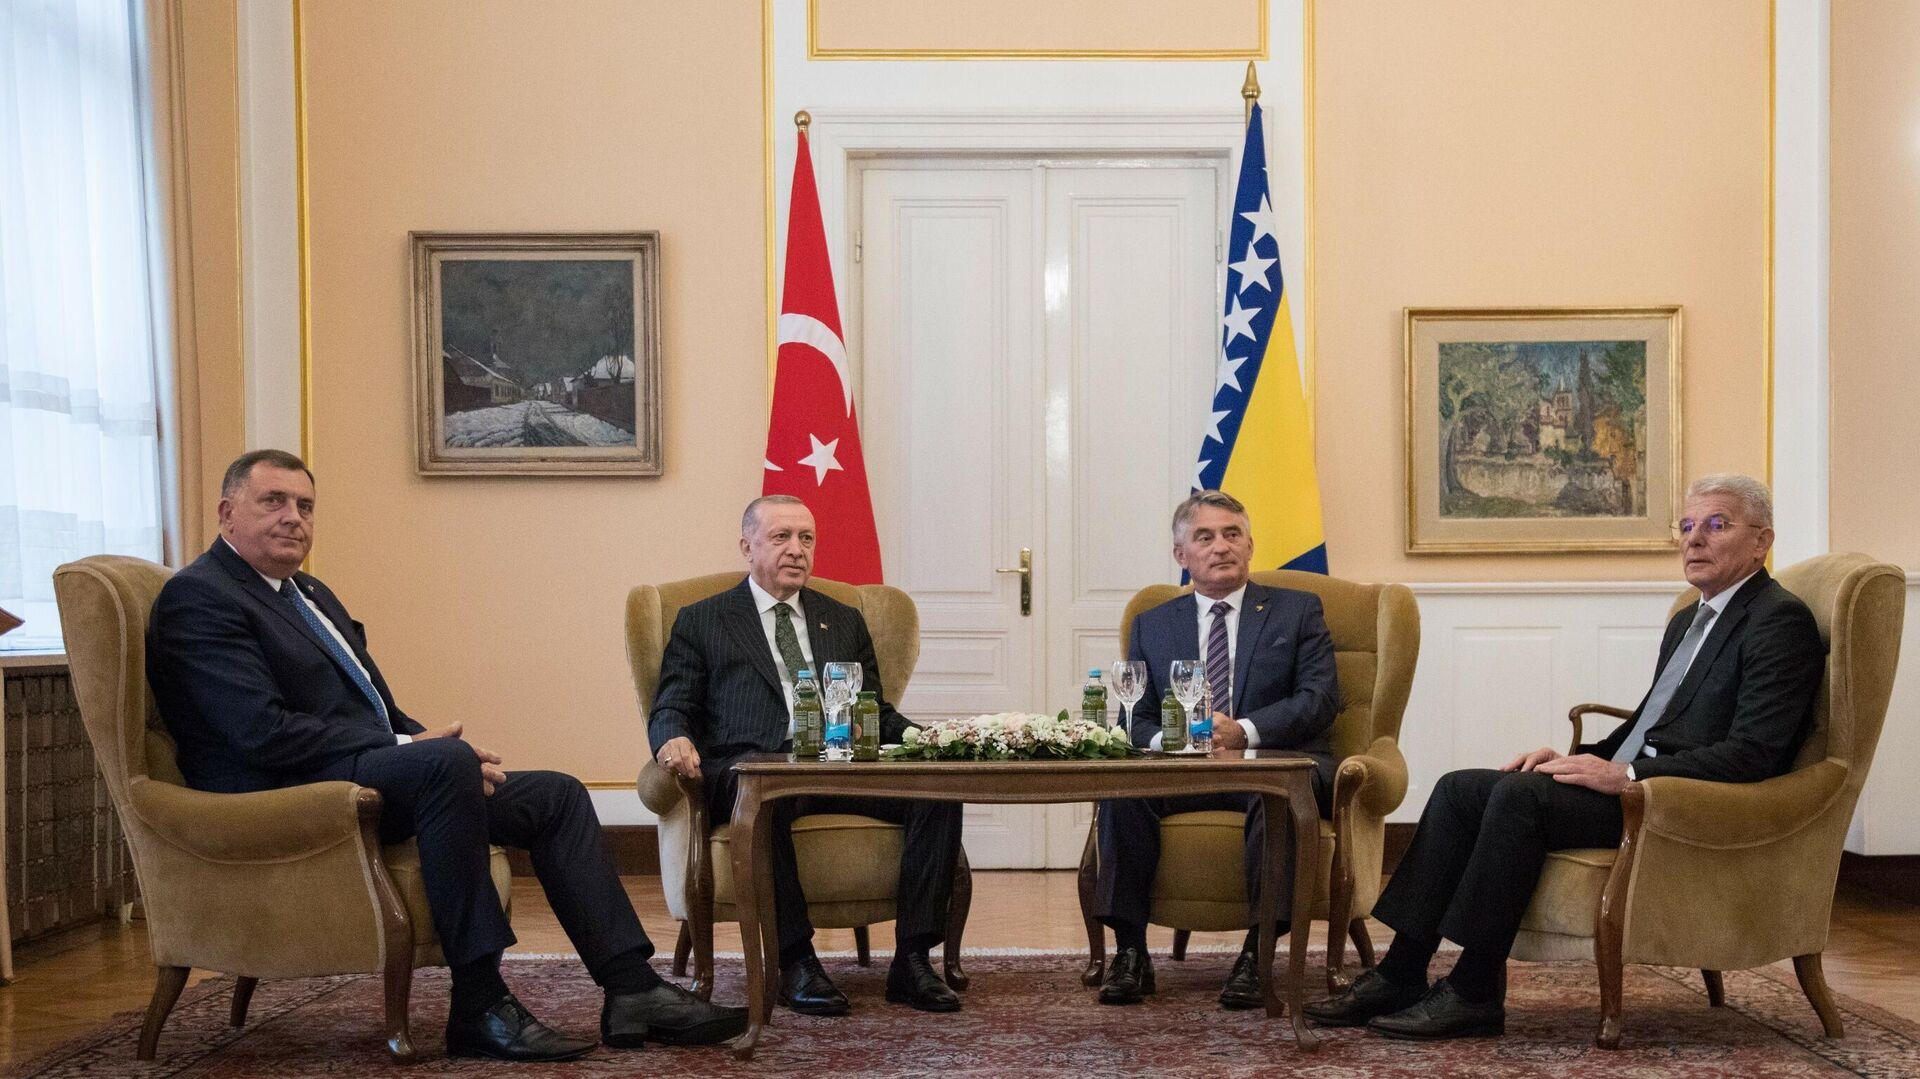 Predsednik Turske Redžep Tajip Erdogan na sastanku sa članovima Predsedništva BiH - Sputnik Srbija, 1920, 27.08.2021